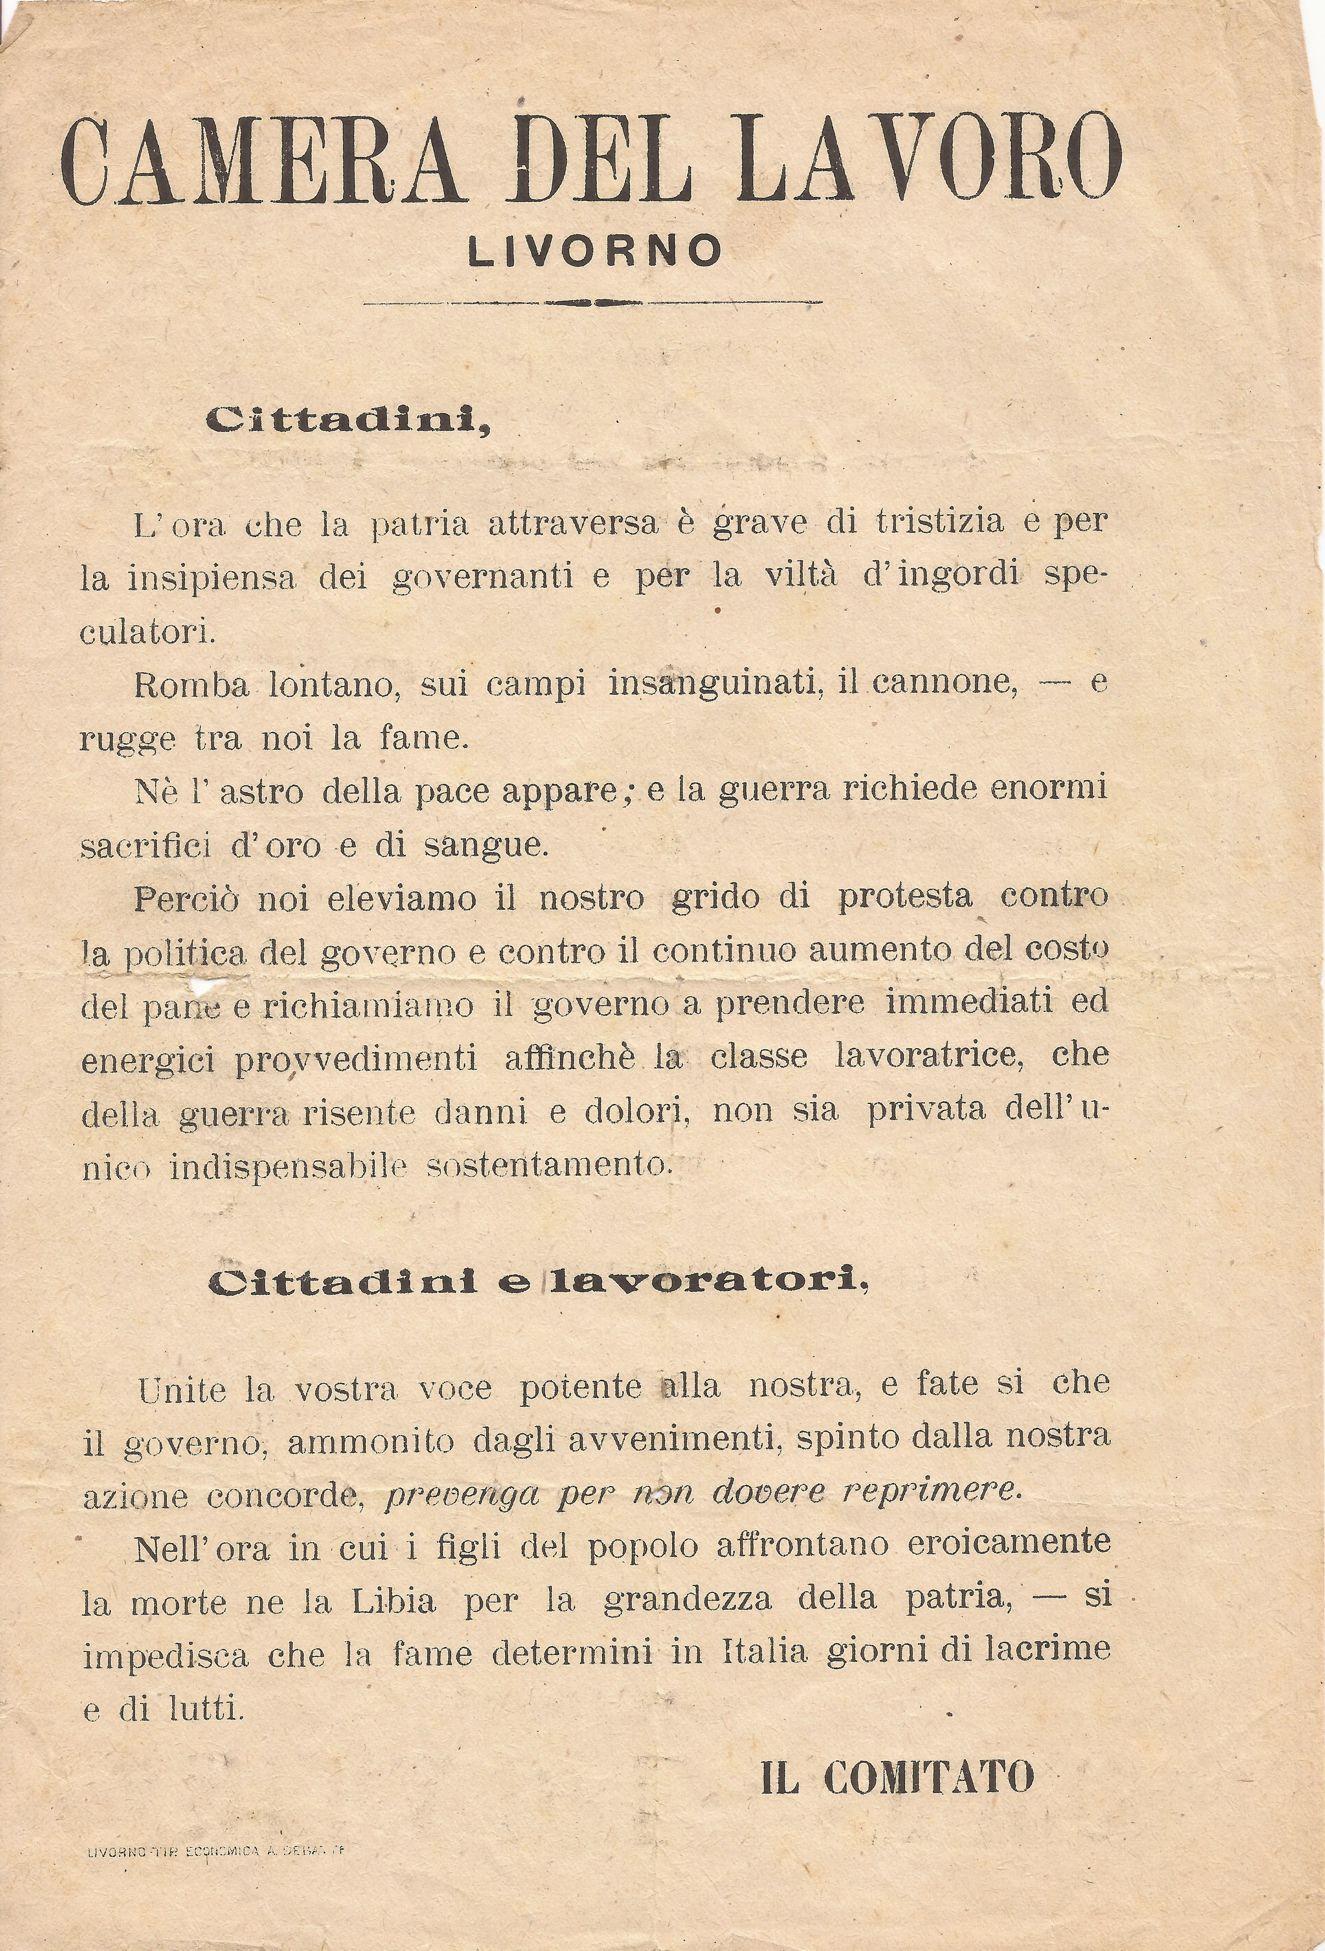 Camera del Lavoro di Livorno